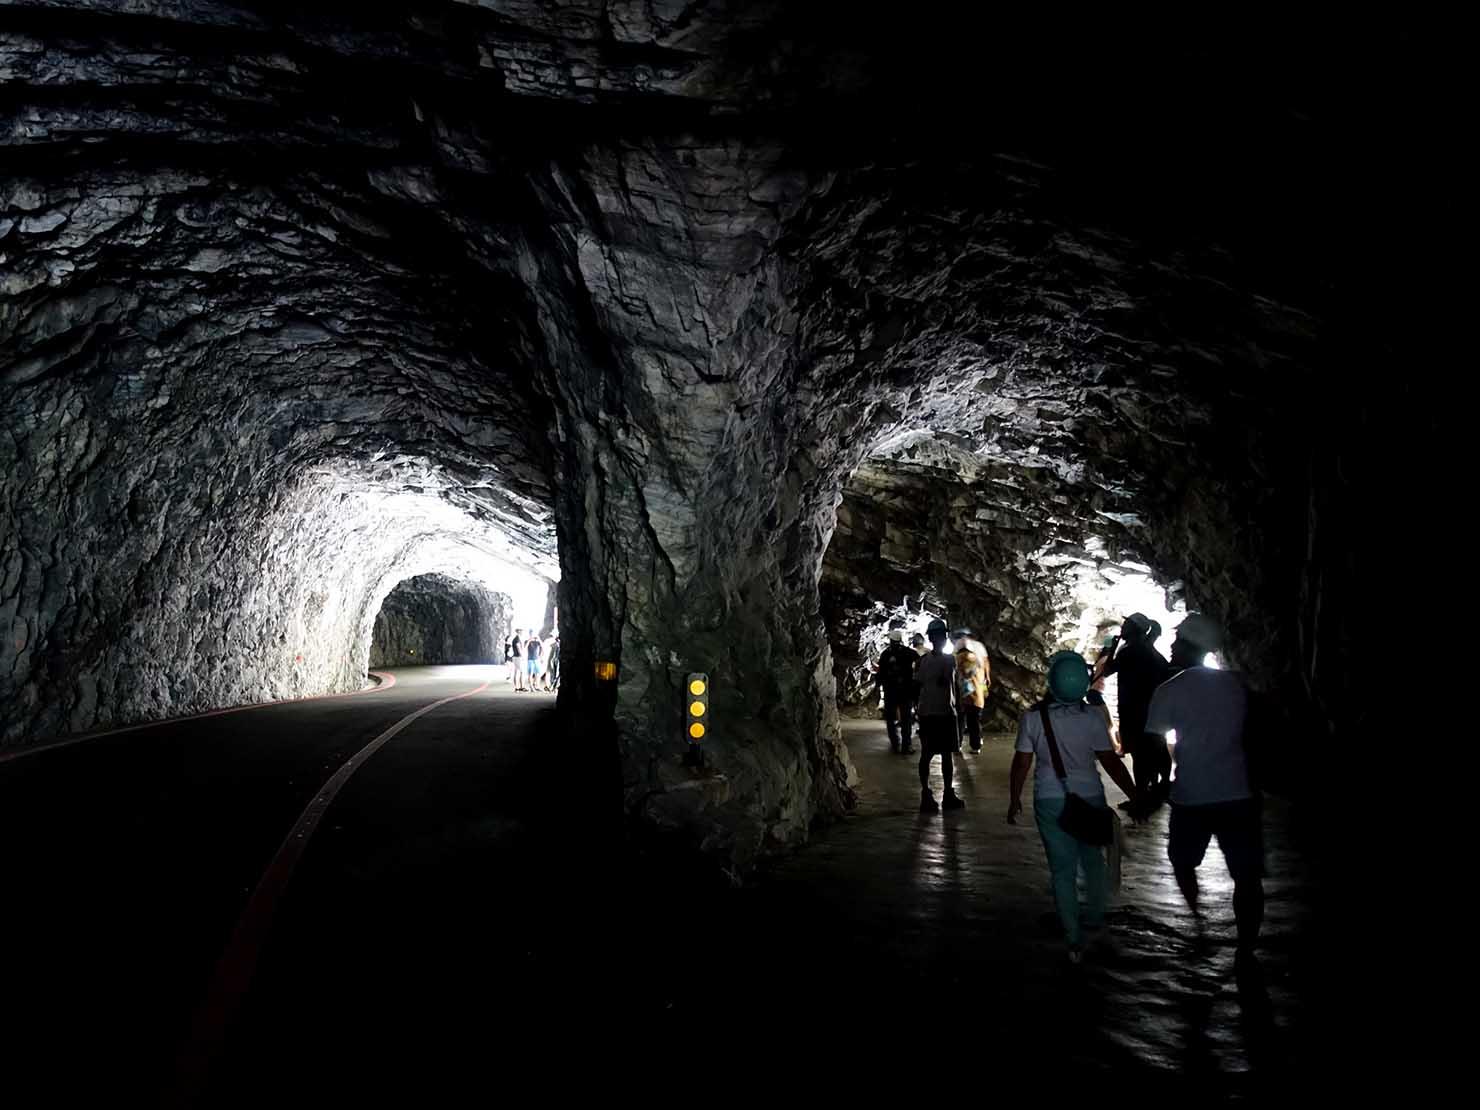 KKday外国人限定「花蓮・太魯閣(タロコ)日帰りツアー」燕子口のトンネル